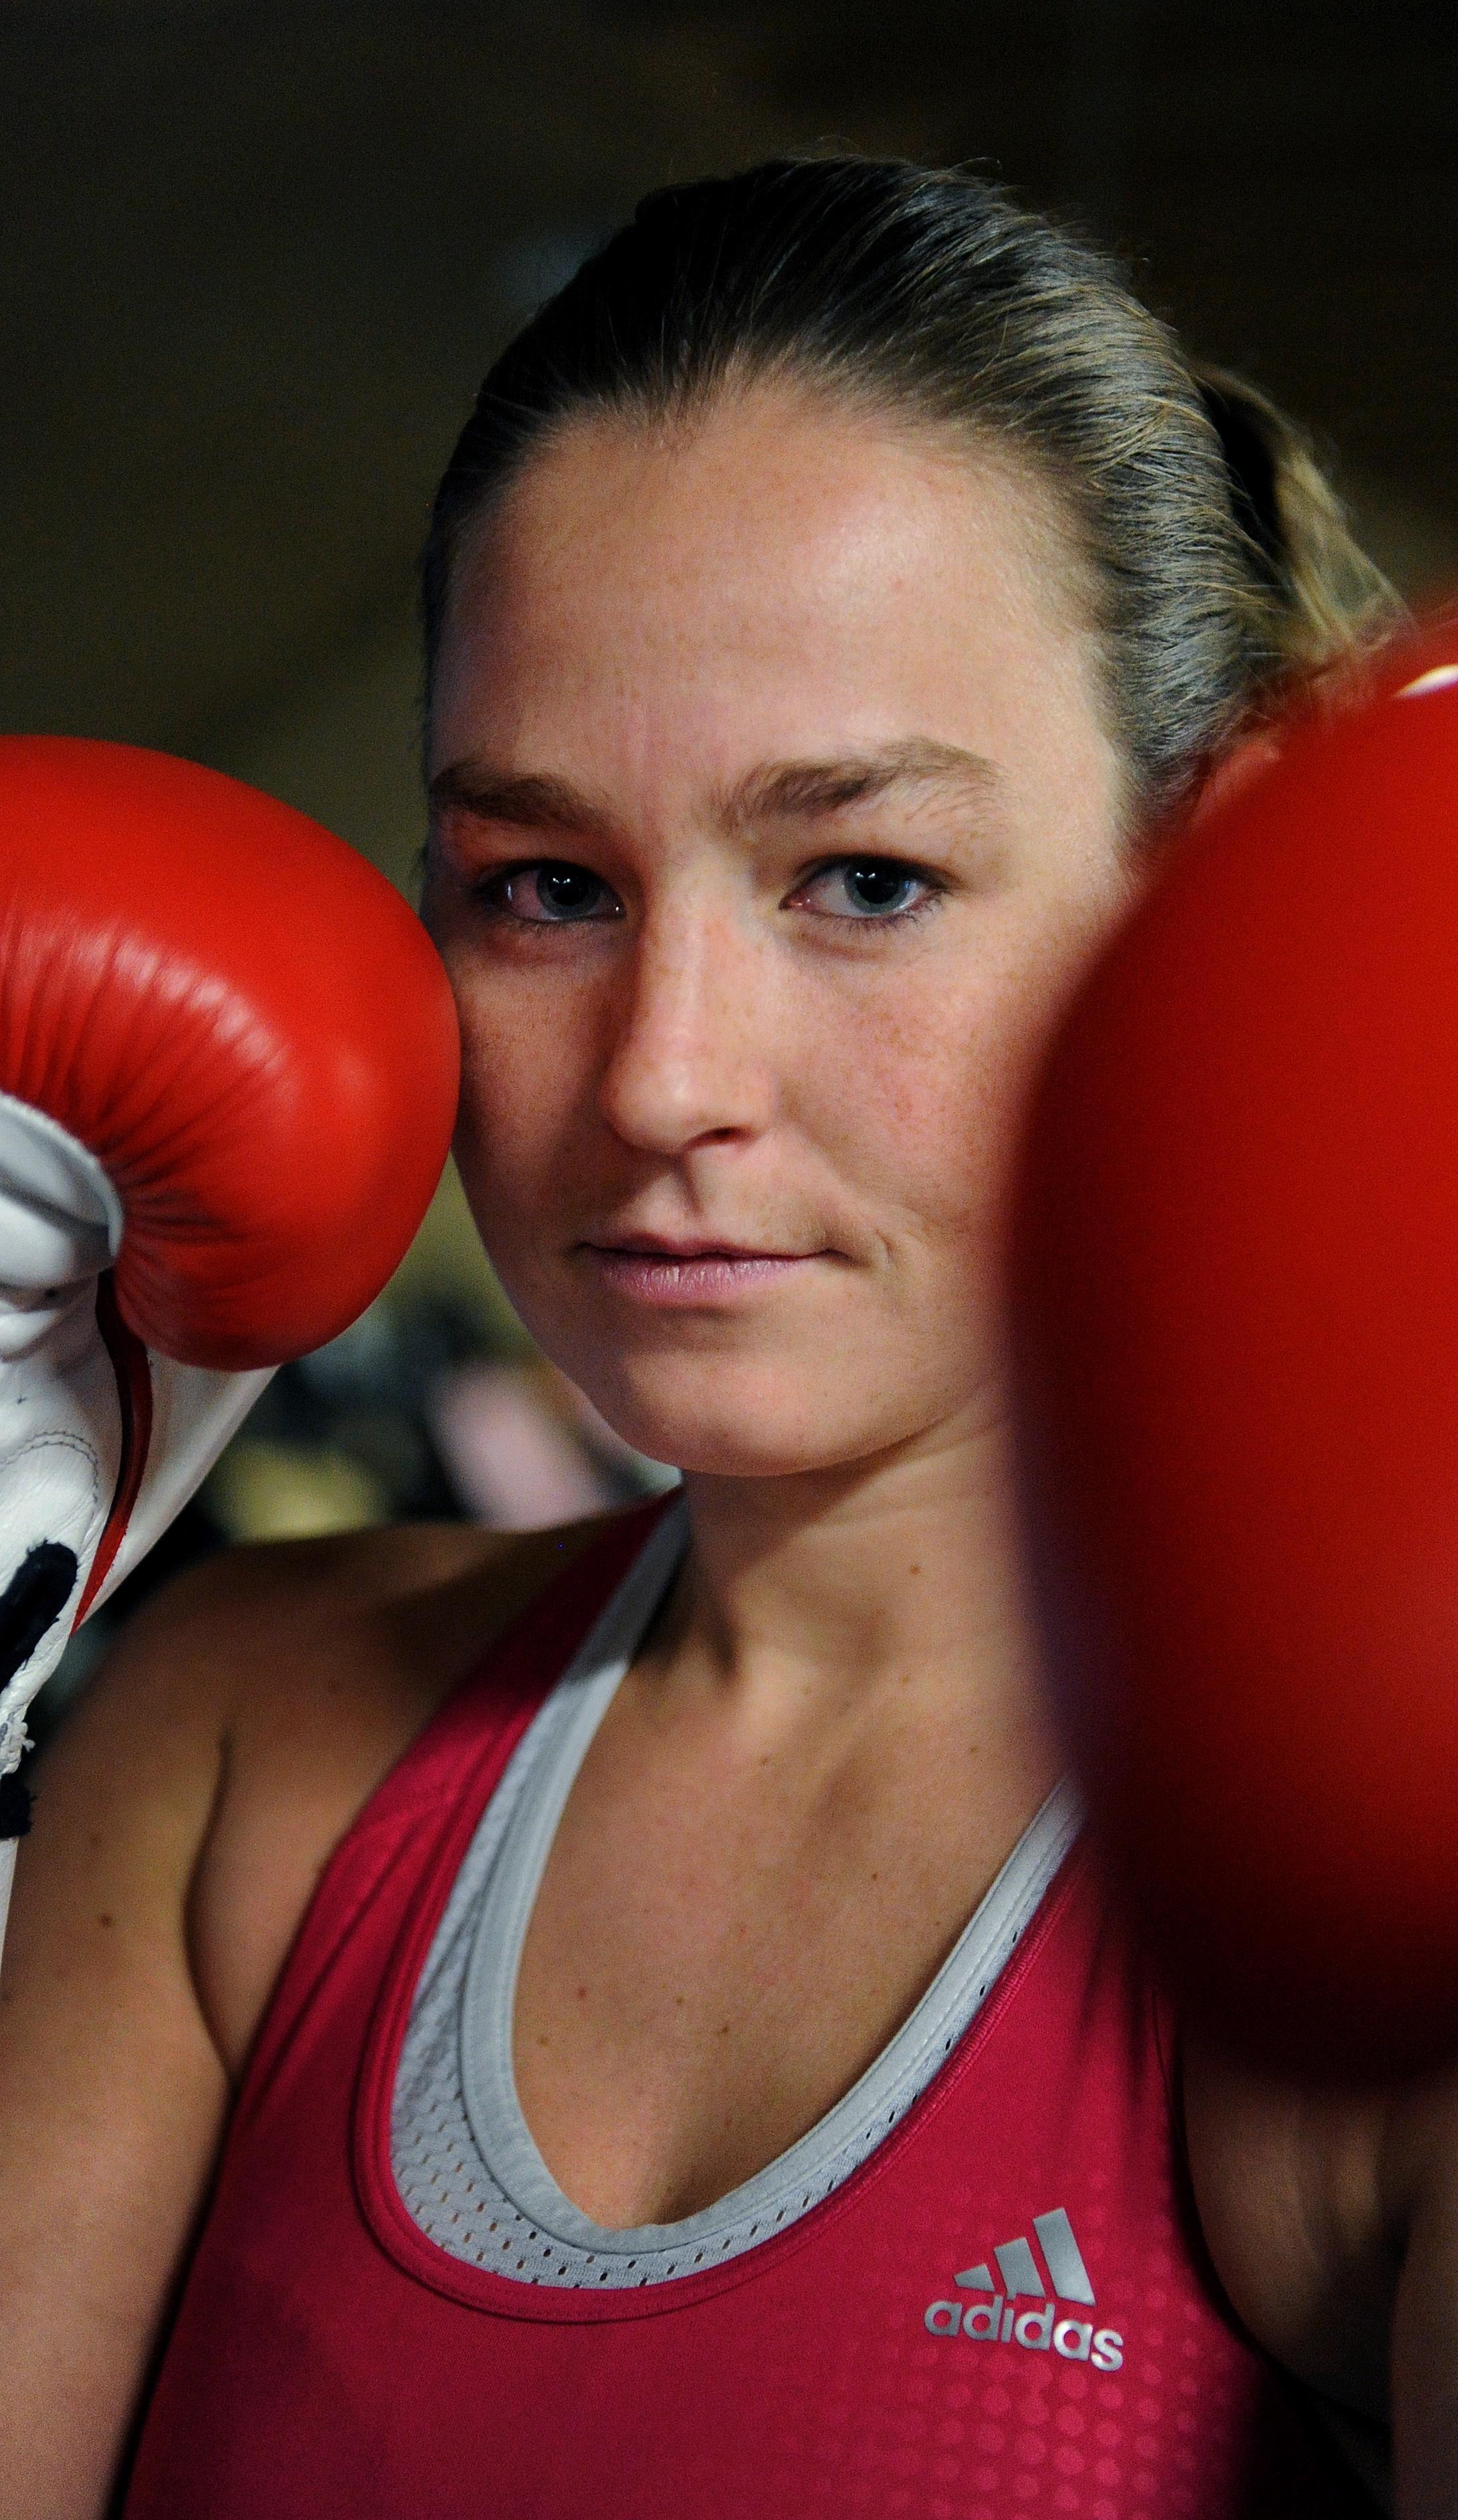 Helderse kickboksster Jorina Baars incasseert in Peking eerste nederlaag in vijftig partijen door dubieuze beslissing jury: 'Had ik haar maar neer moeten slaan' - Noordhollands Dagblad